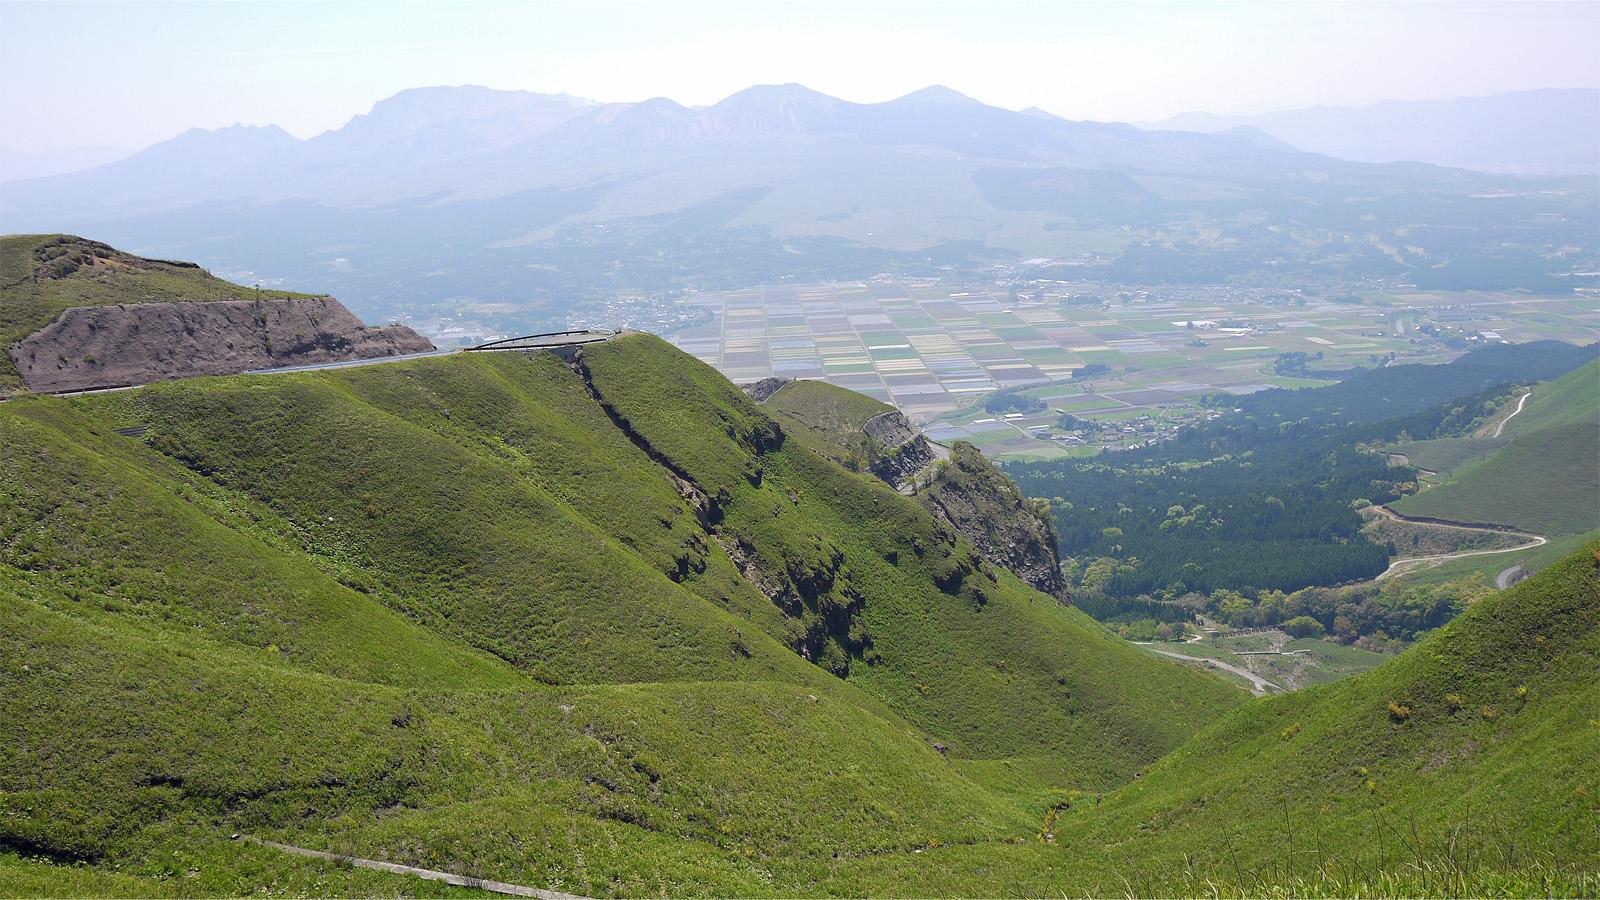 ラピュタの道 熊本県阿蘇市 福岡発 九州観光ガイド